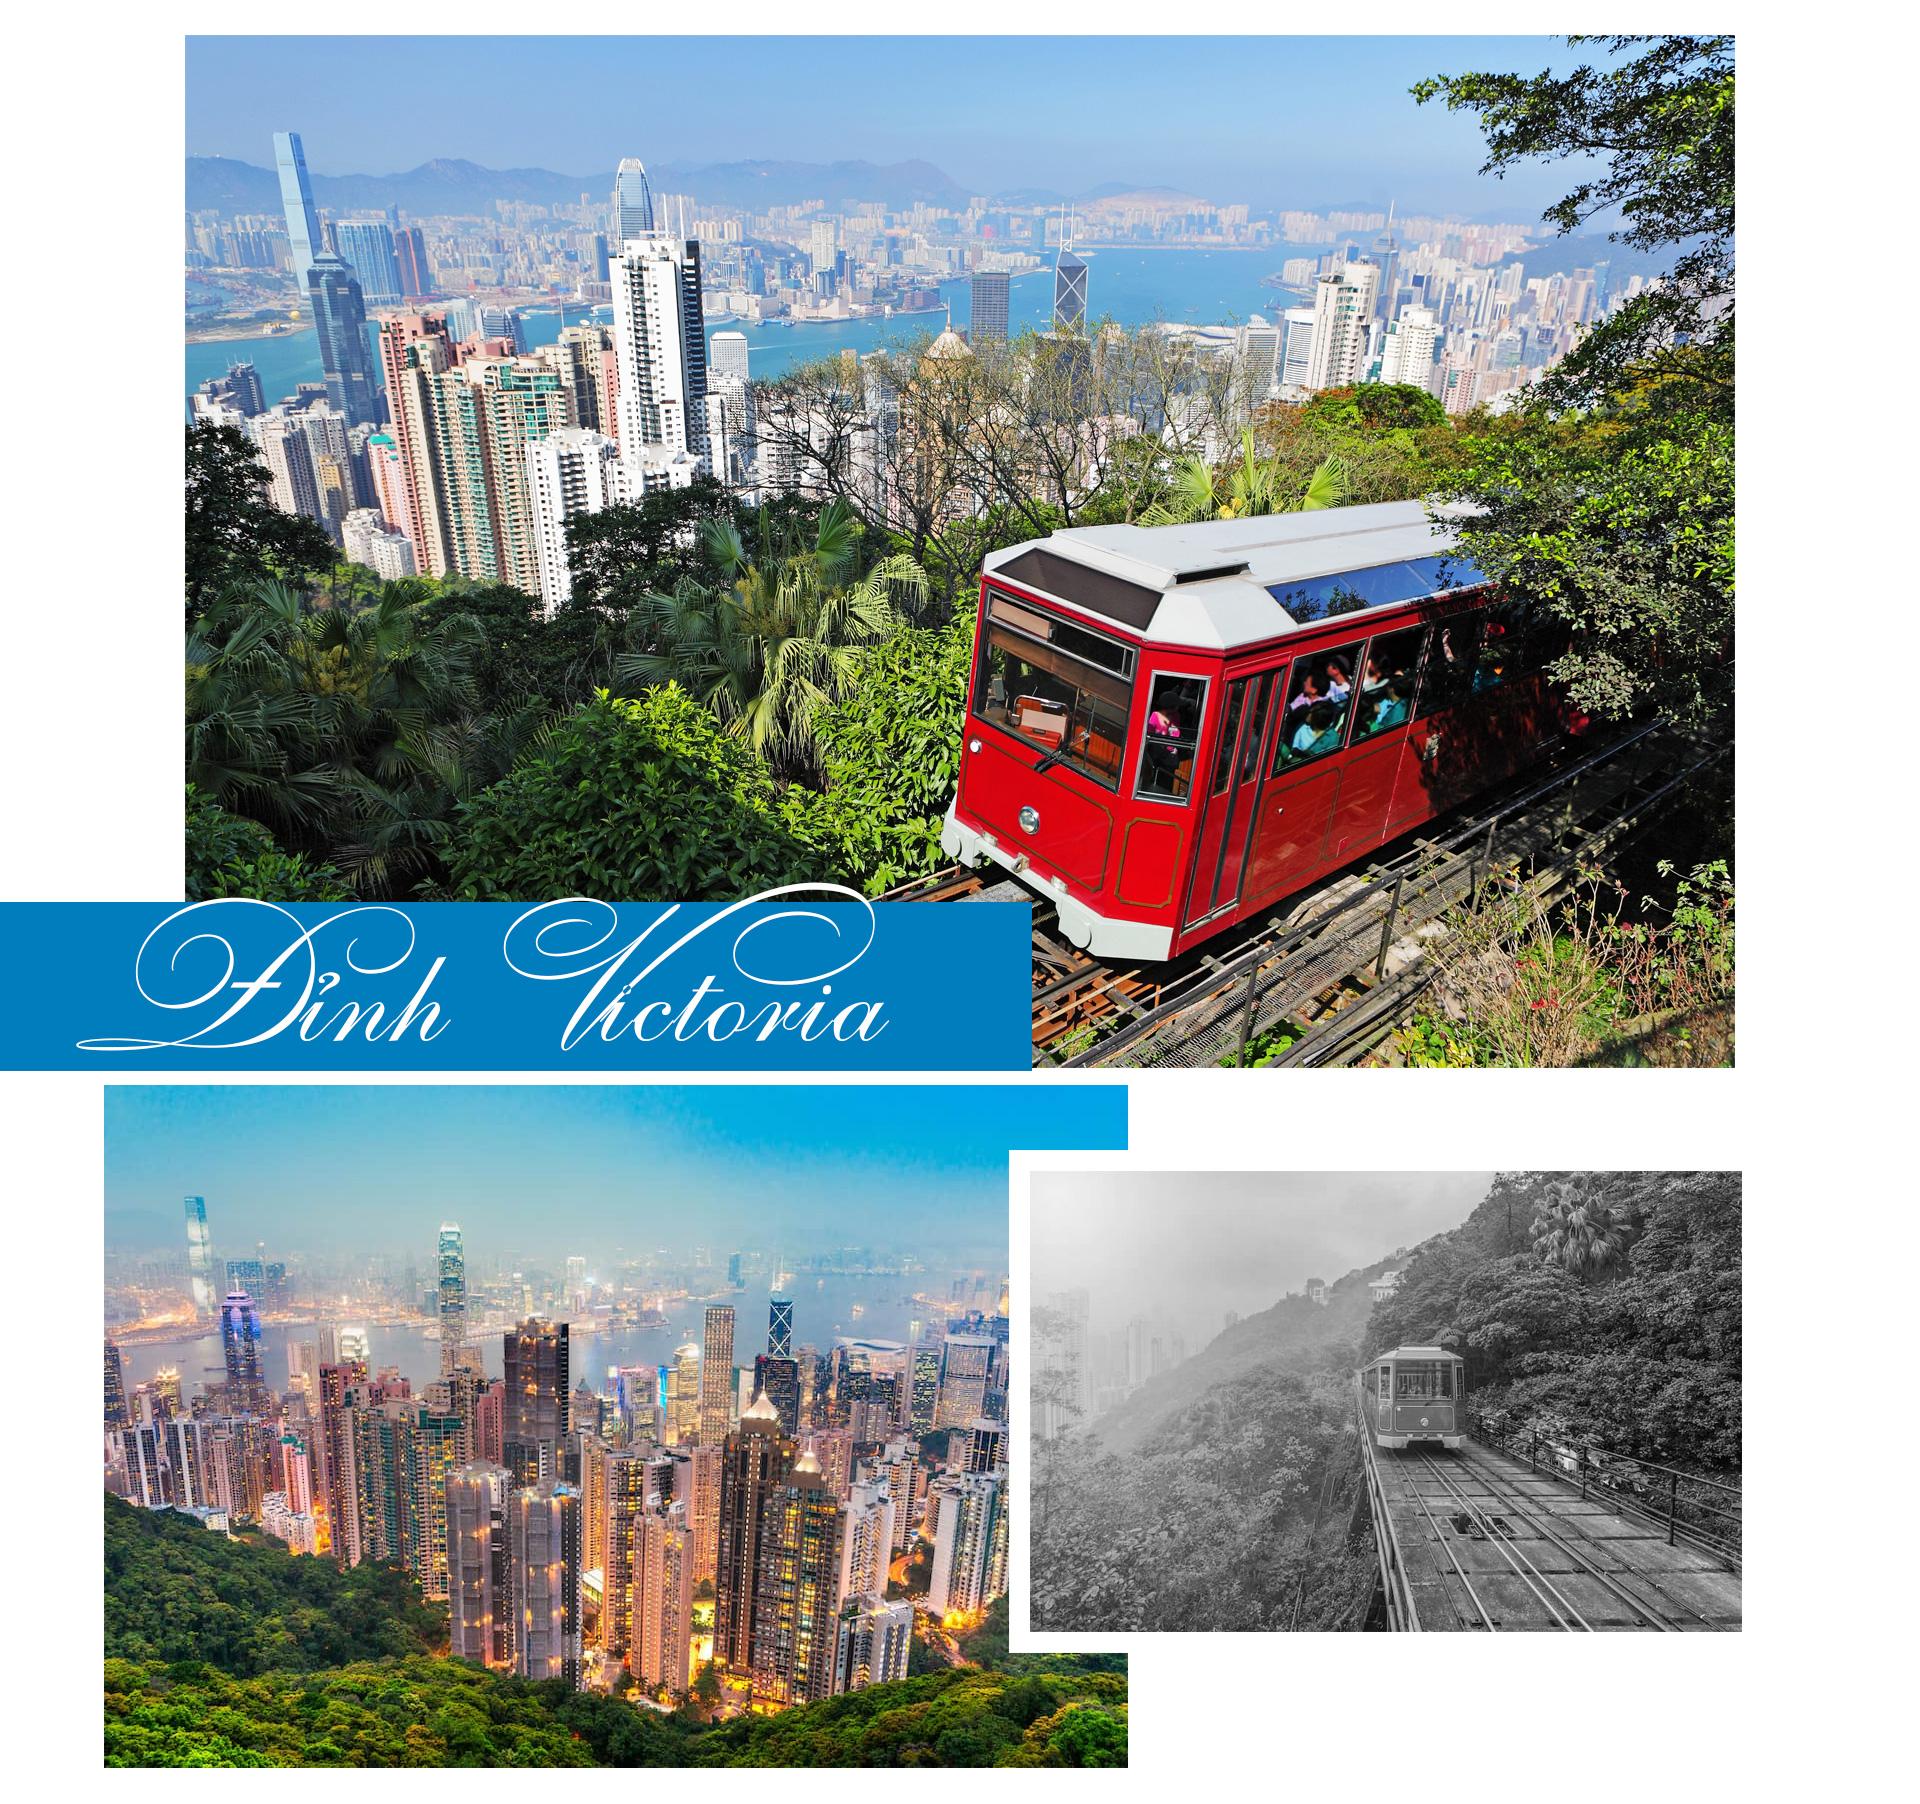 Khám phá Hồng Kông với những điểm đến ấn tượng nhất - 2